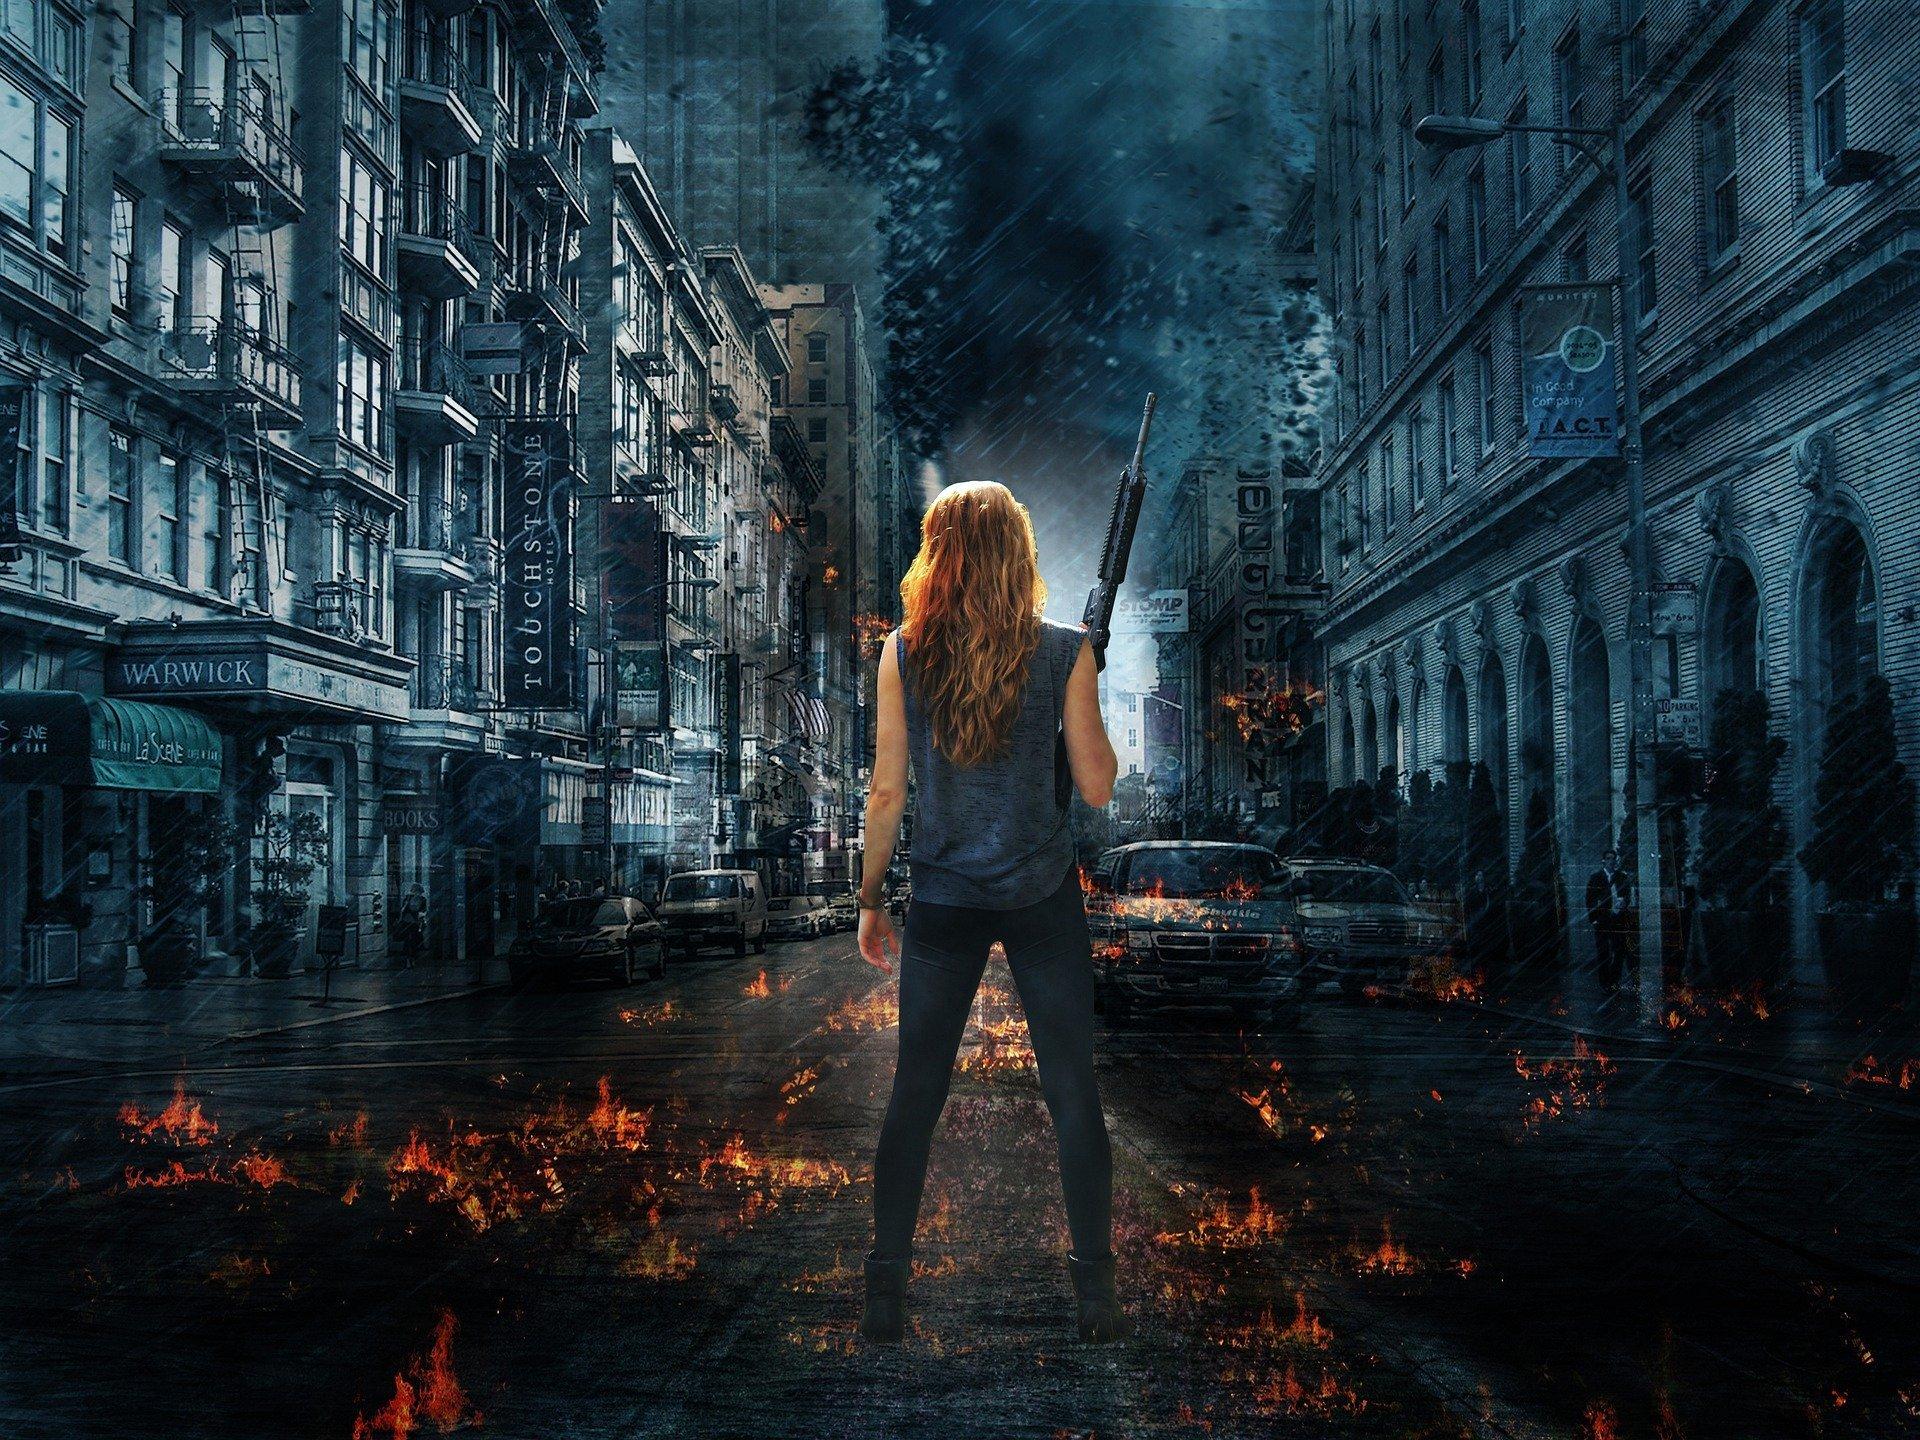 jeune femme de dos avec une épée affrontant une ville noire. Décor de nuit